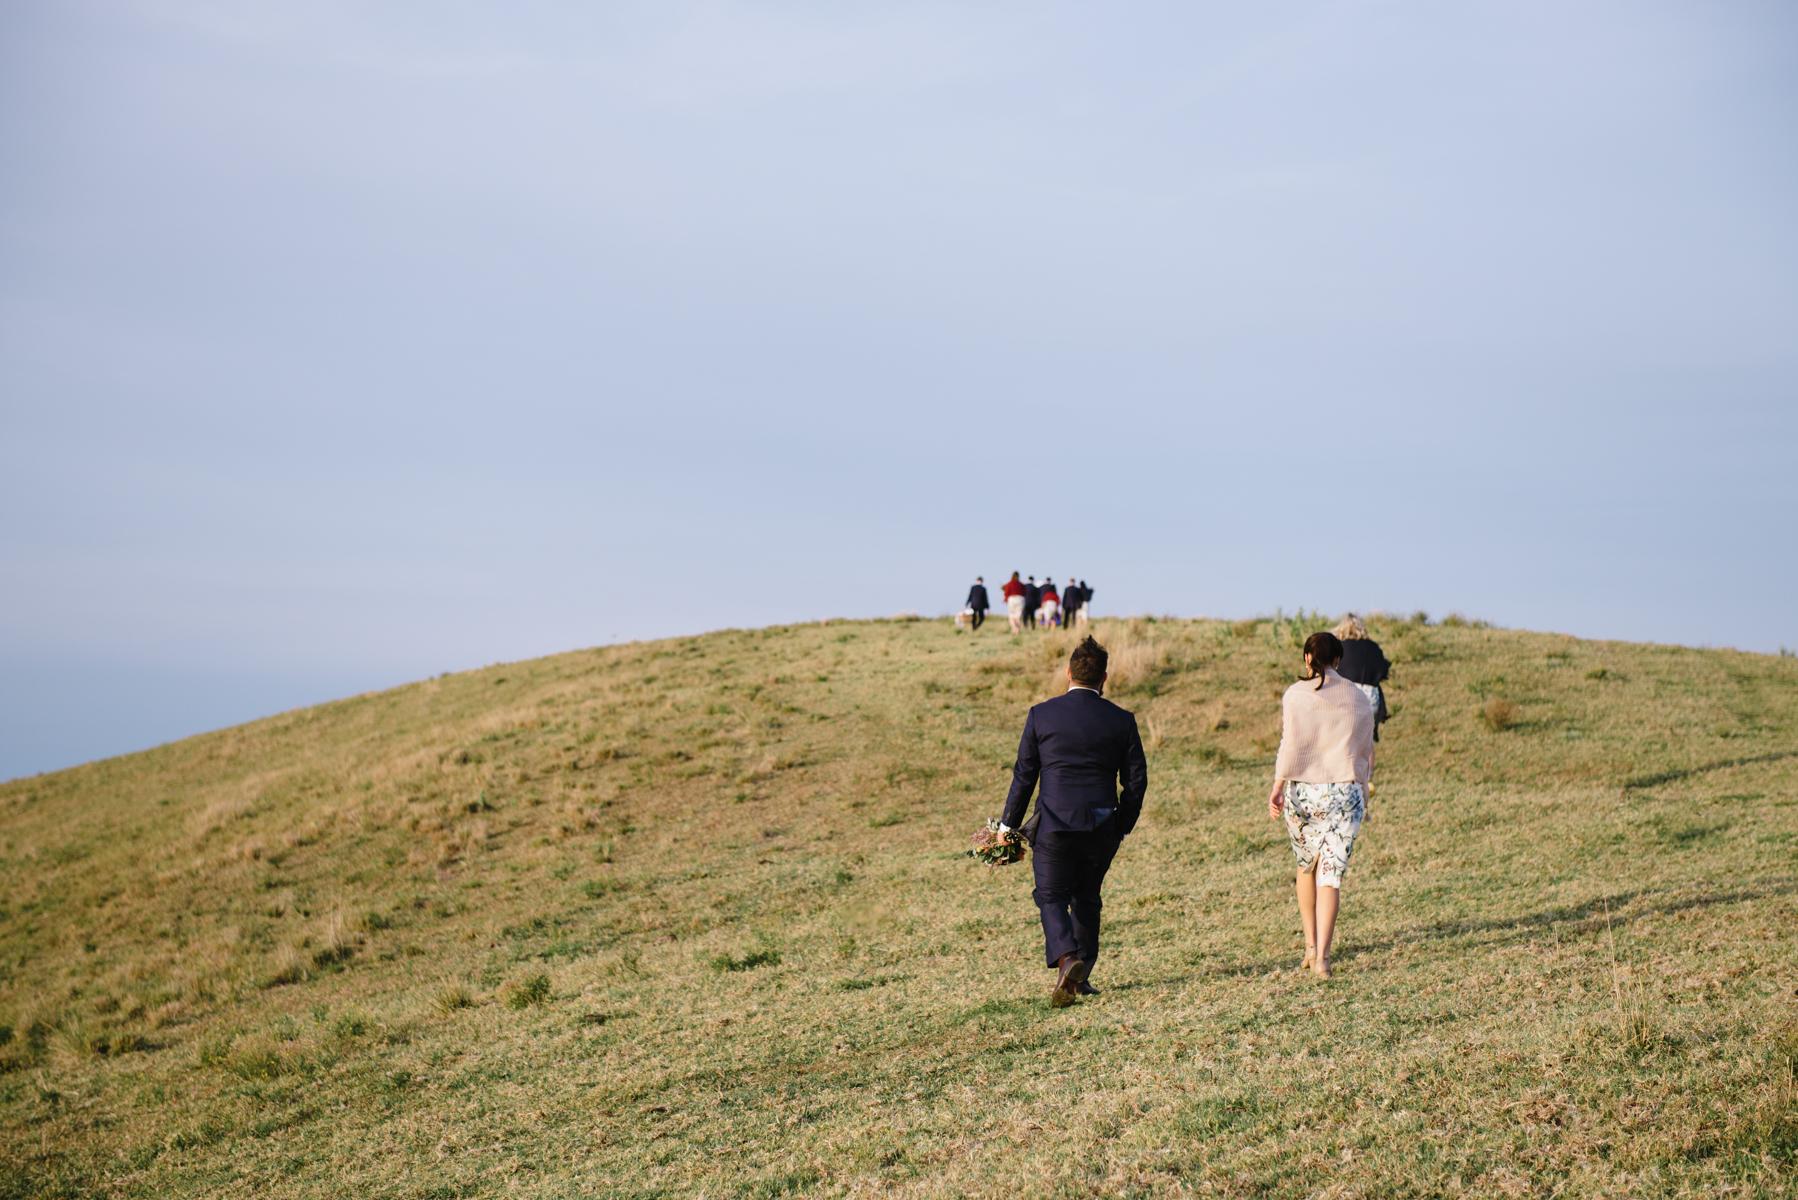 sarahandBenwedding- skyla sage photography weddings, families, byron bay,tweed coast,kingscliff,cabarita,gold coast-793.jpg